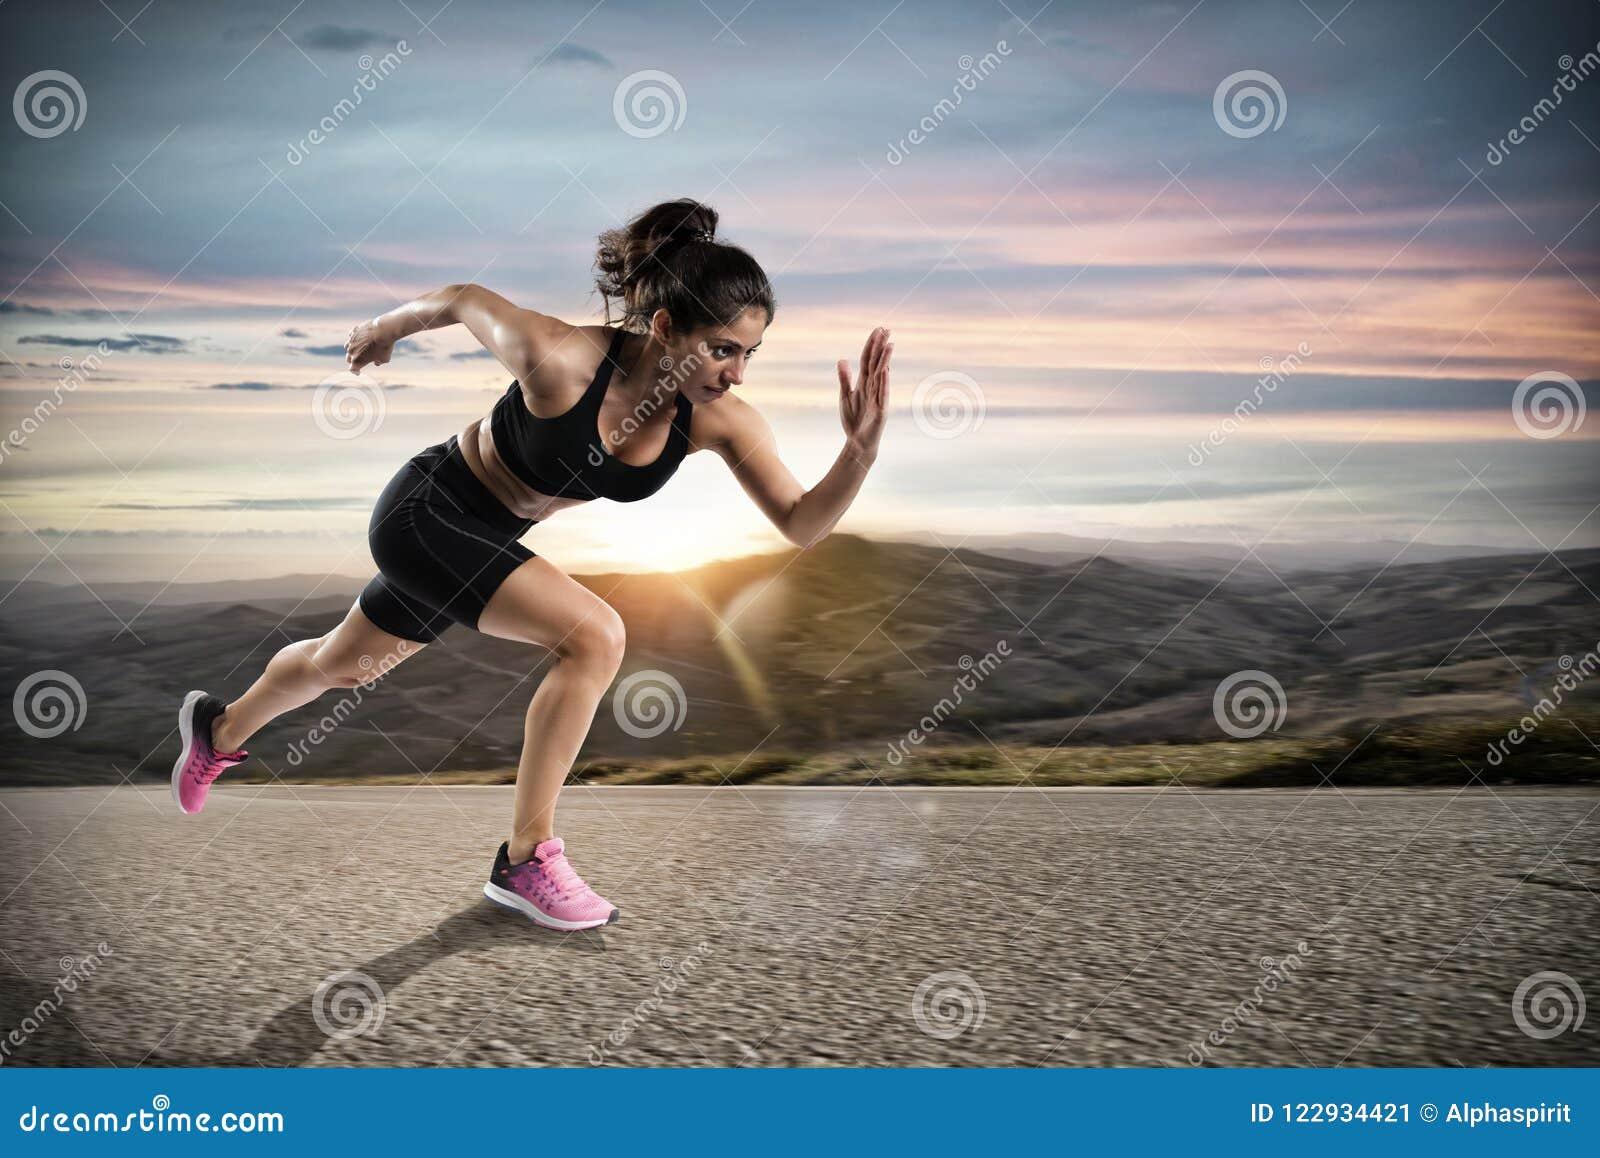 La femme sportive court sur la rue pendant le coucher du soleil